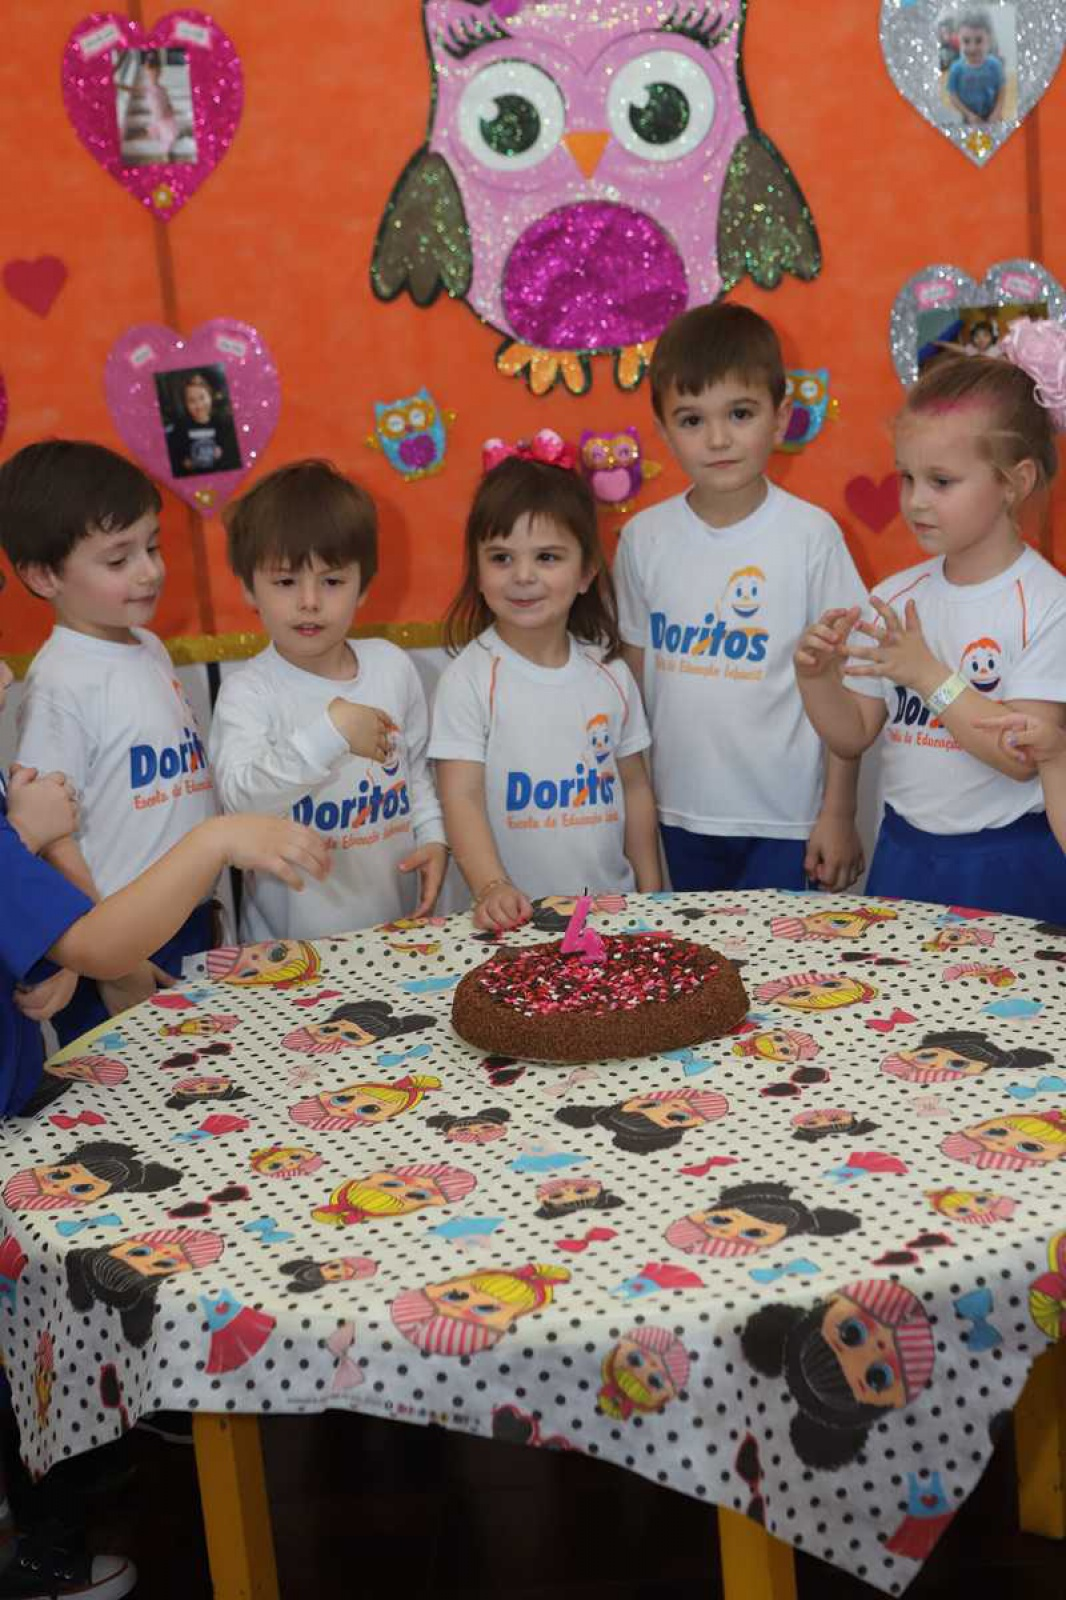 Aniversariantes de Outubro - Escola Doritos